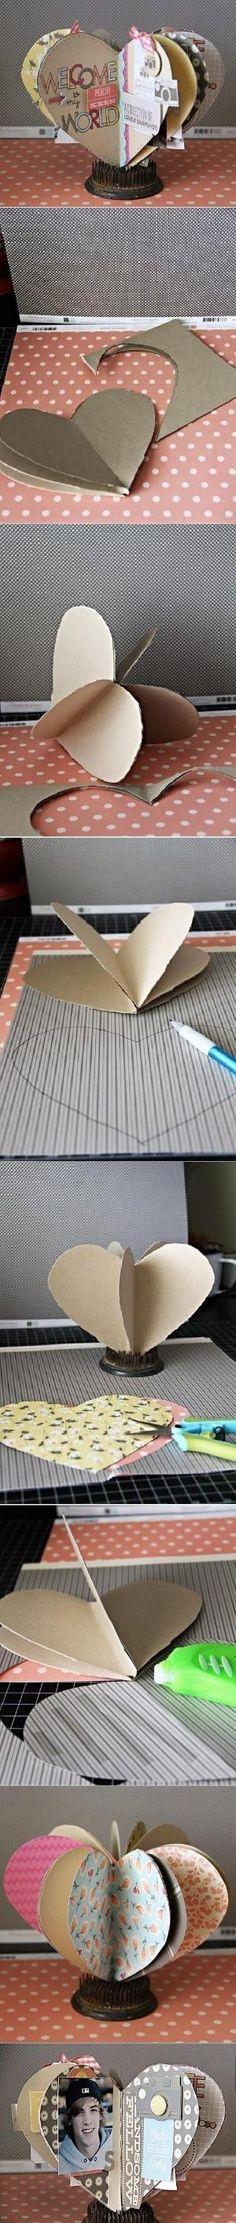 DIY simple en forma de corazón Marco de bricolaje simple en forma de corazón Marco fotográfico por lupita m